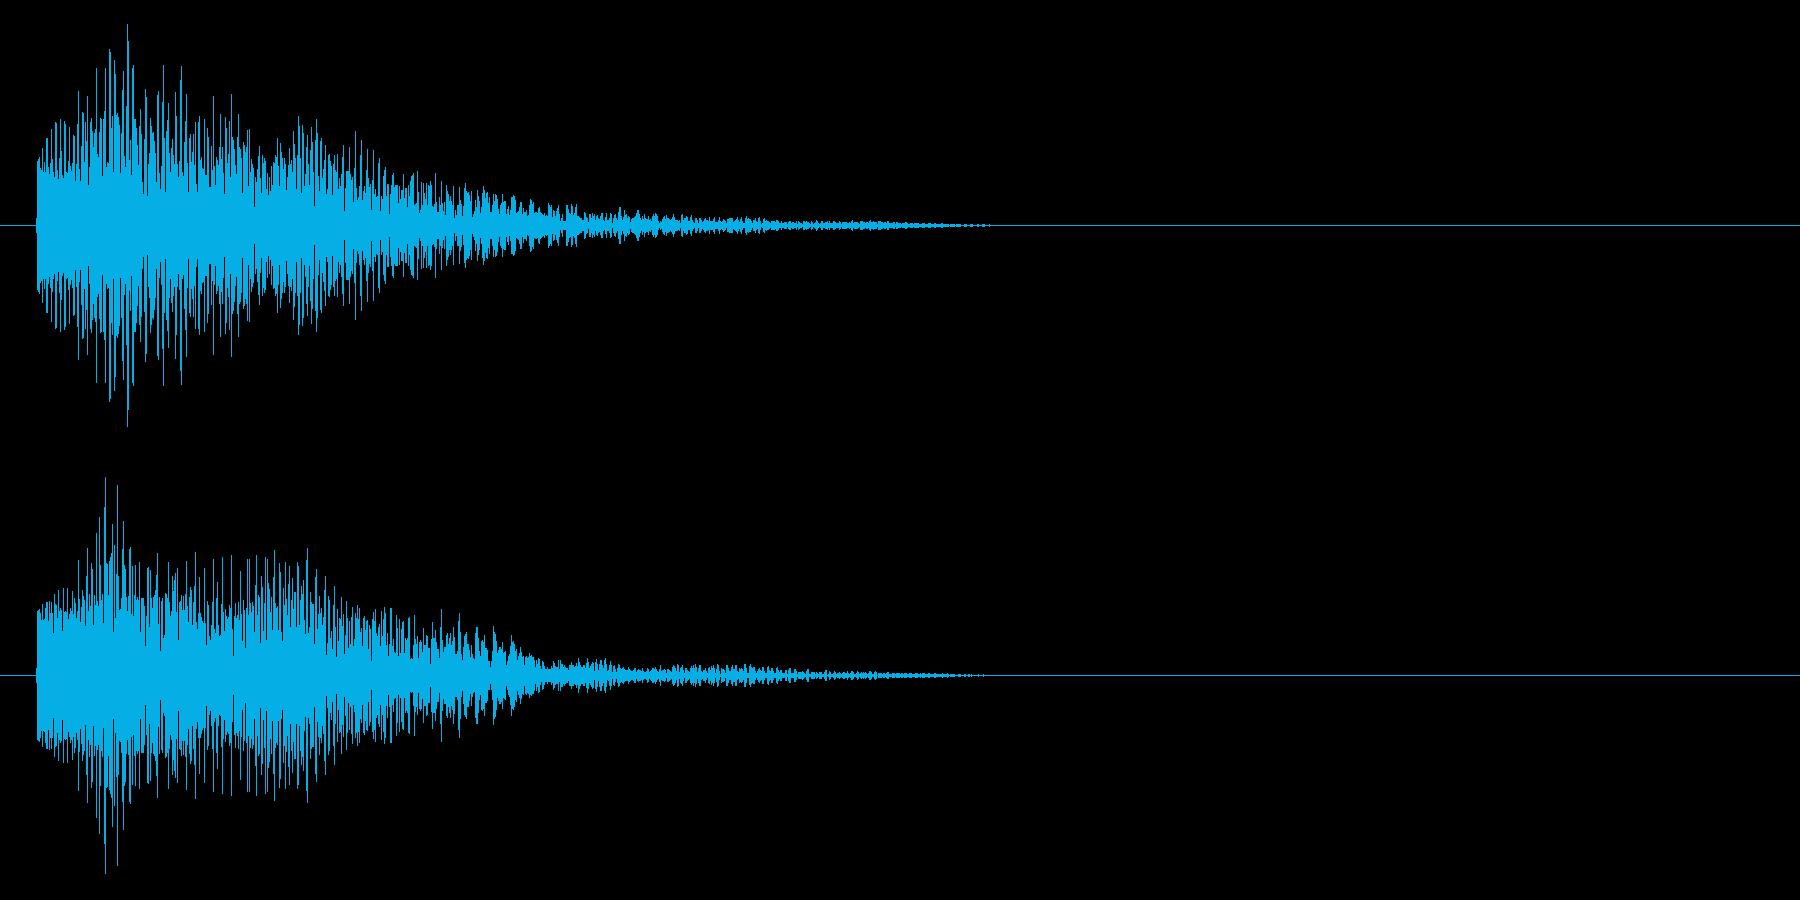 キャンセル/ゲームオーバー/デジタル/の再生済みの波形